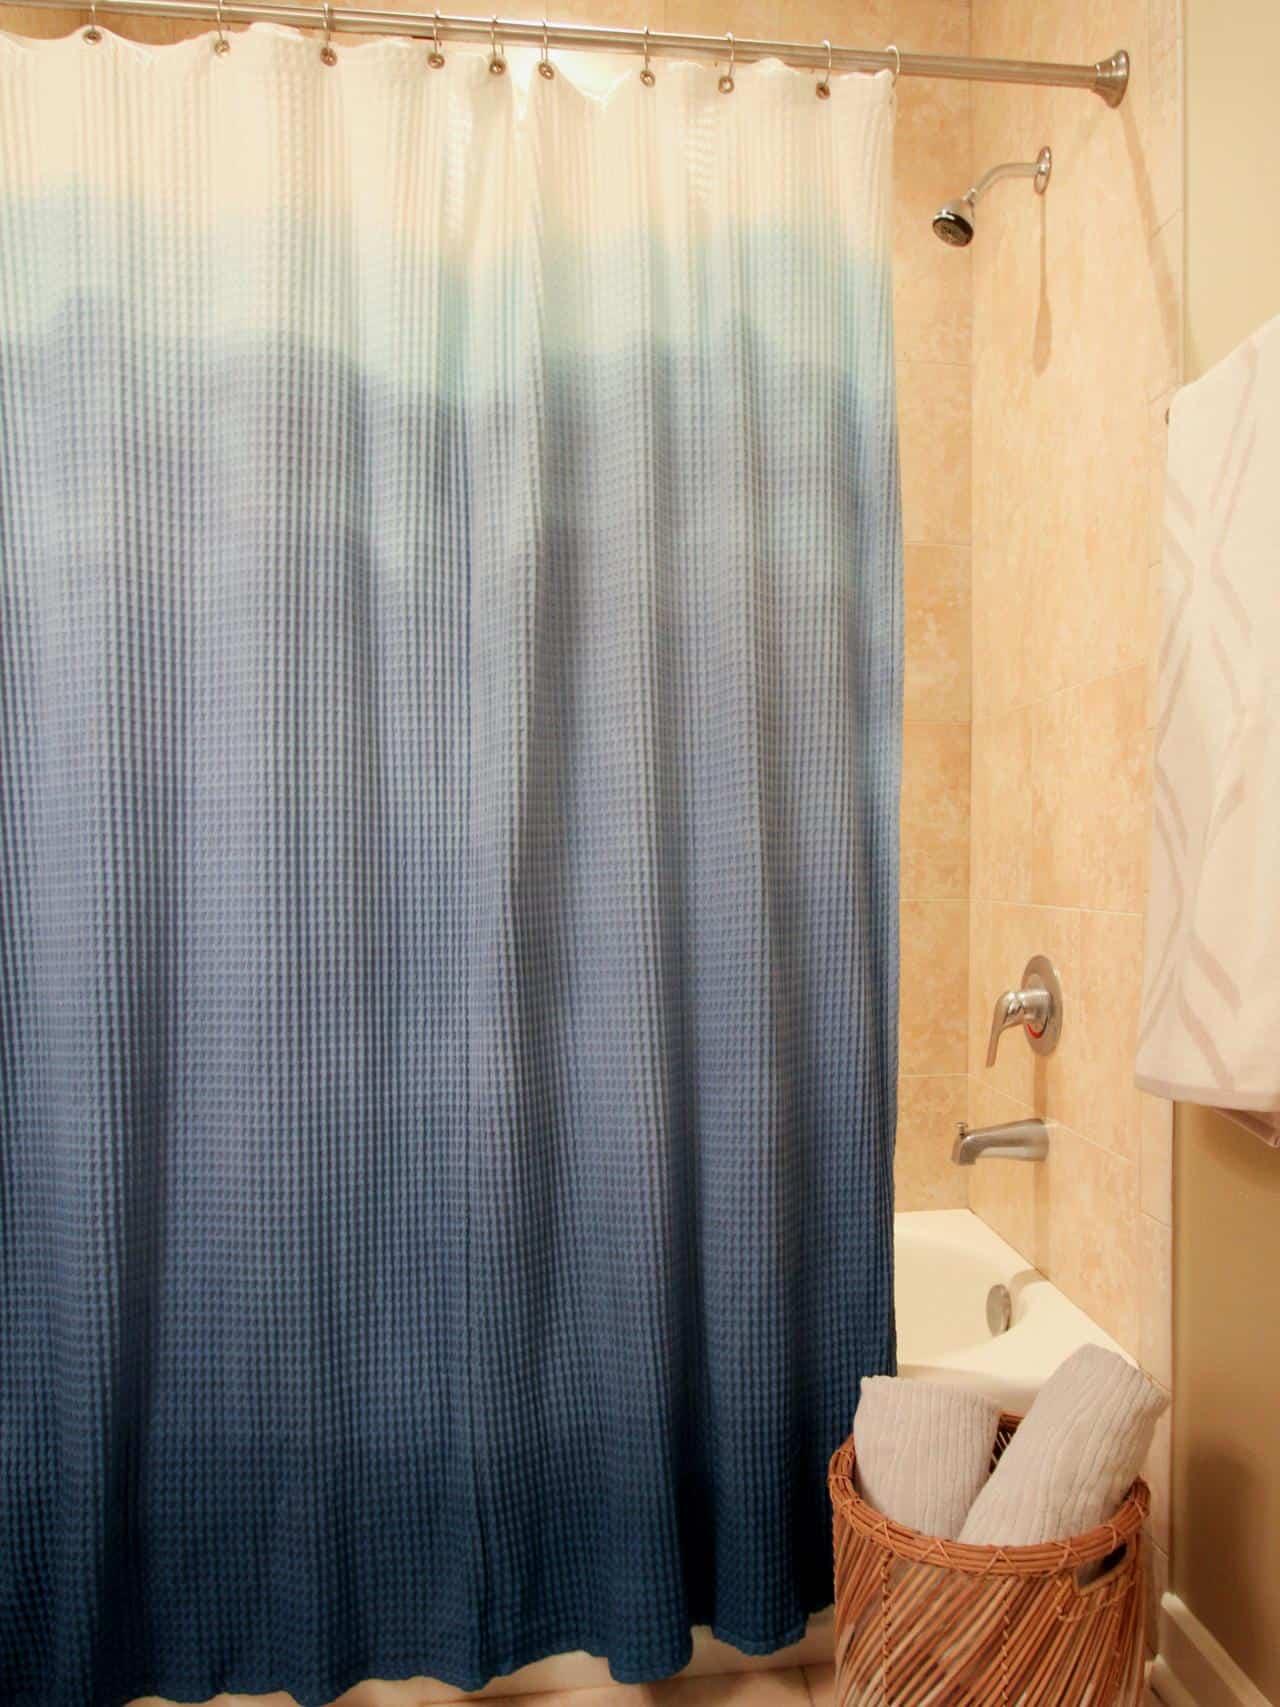 Pretty ombre shower curtain